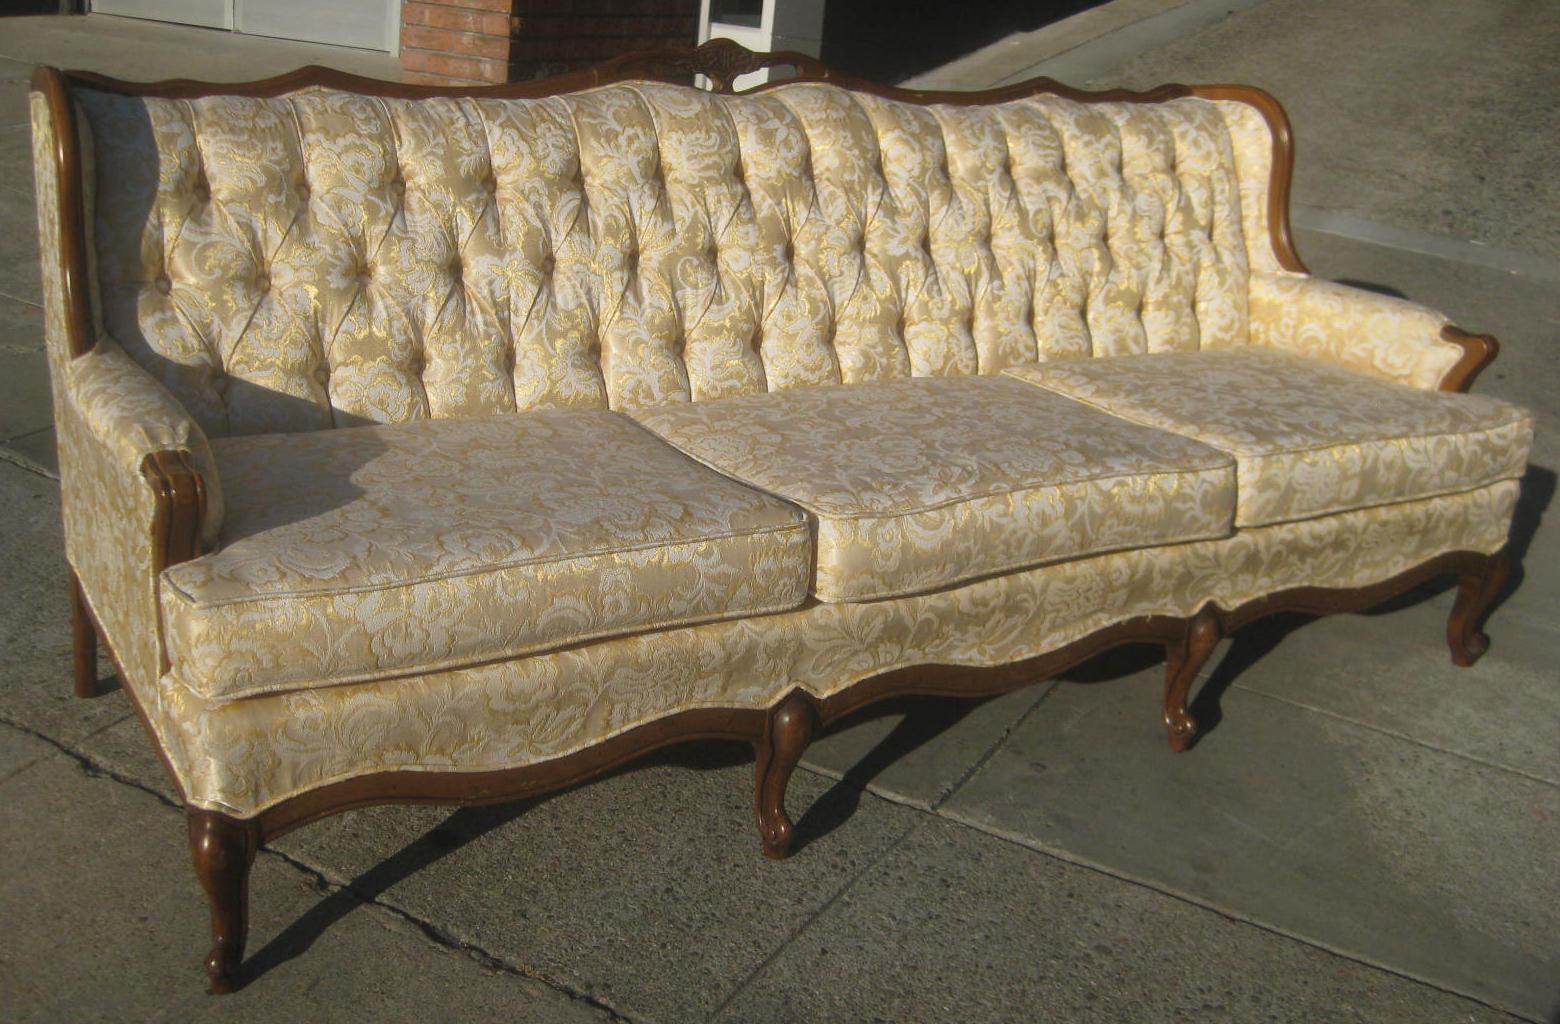 french provincial living room furniture obsidiansmaze. Black Bedroom Furniture Sets. Home Design Ideas